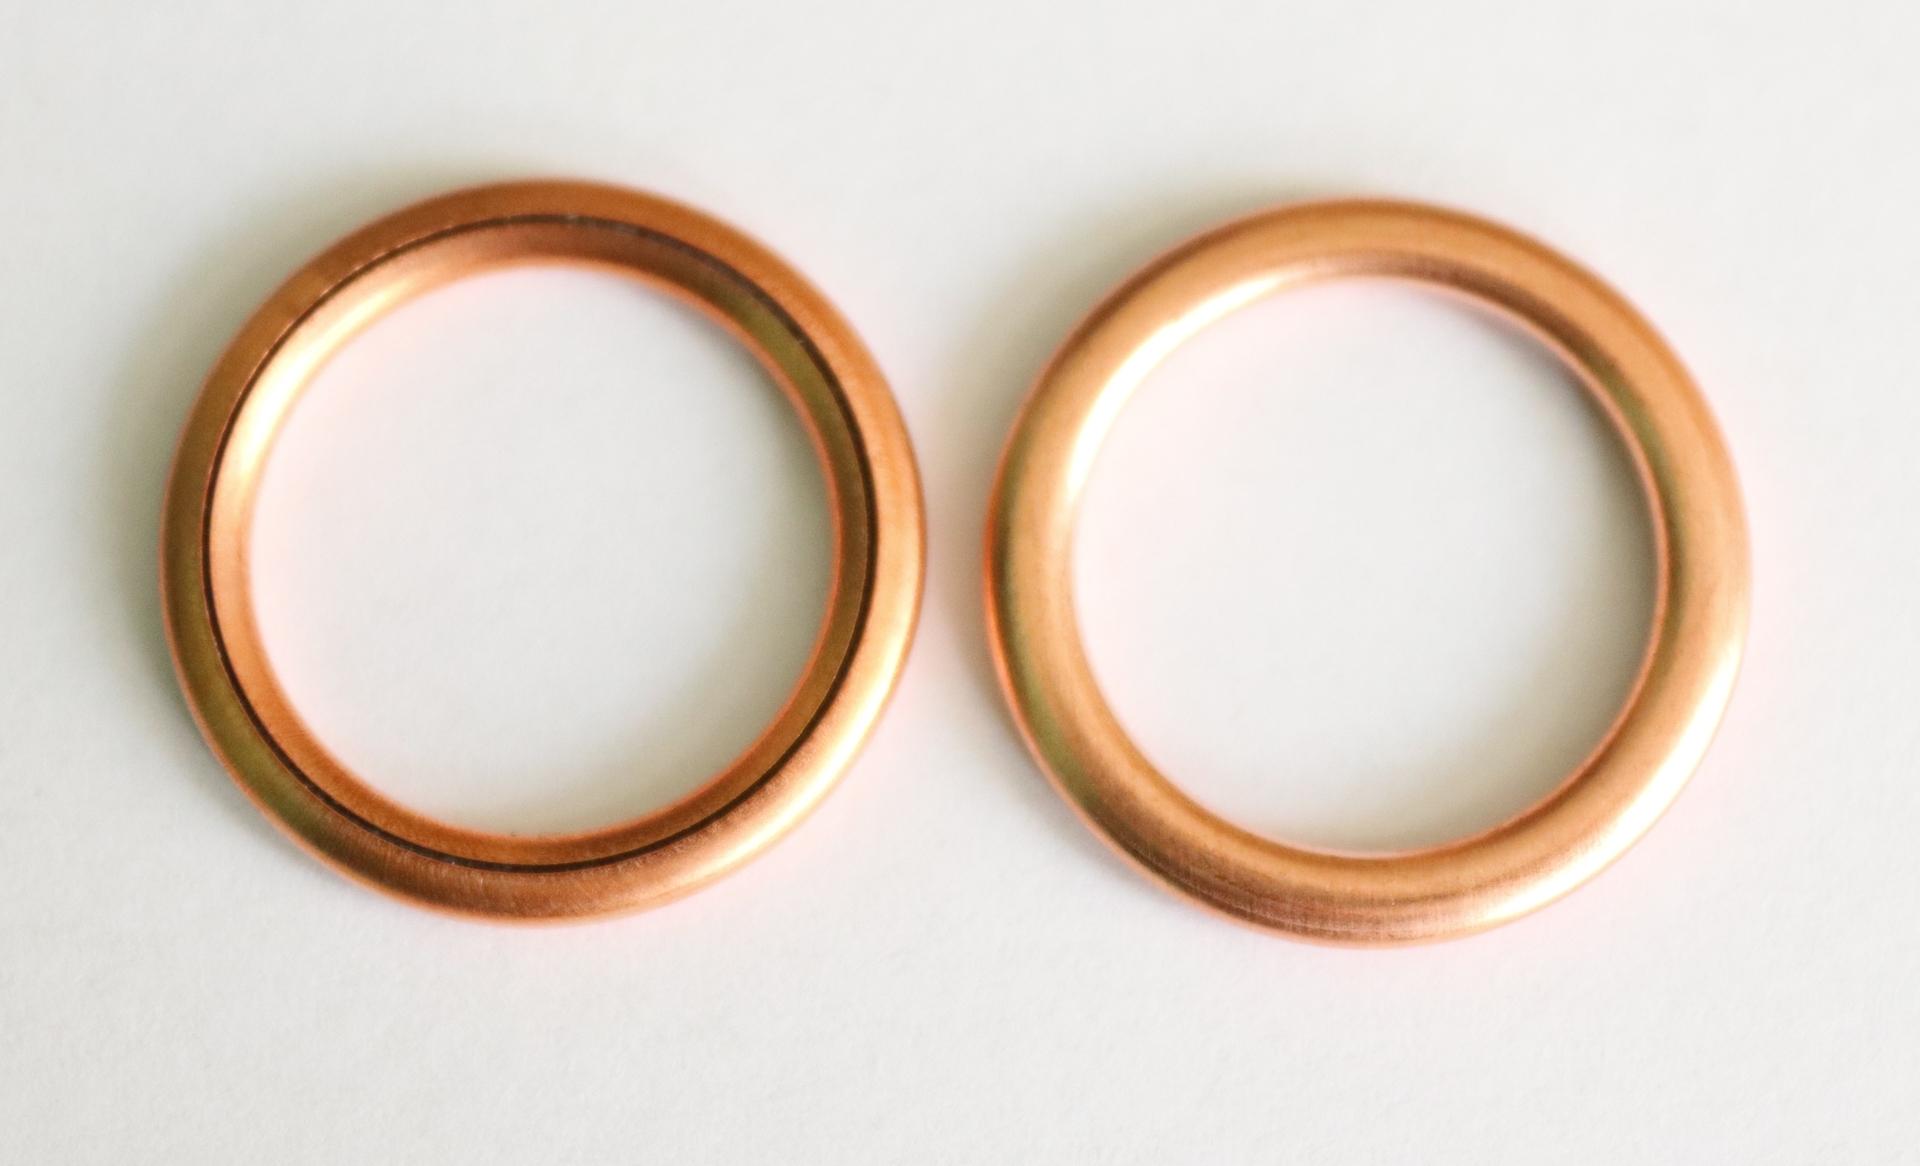 Těsnicí kroužek měděný, průměr 16/22 mm, tloušťka 2 mm, pro Citroen, Mercedes-Benz, Opel